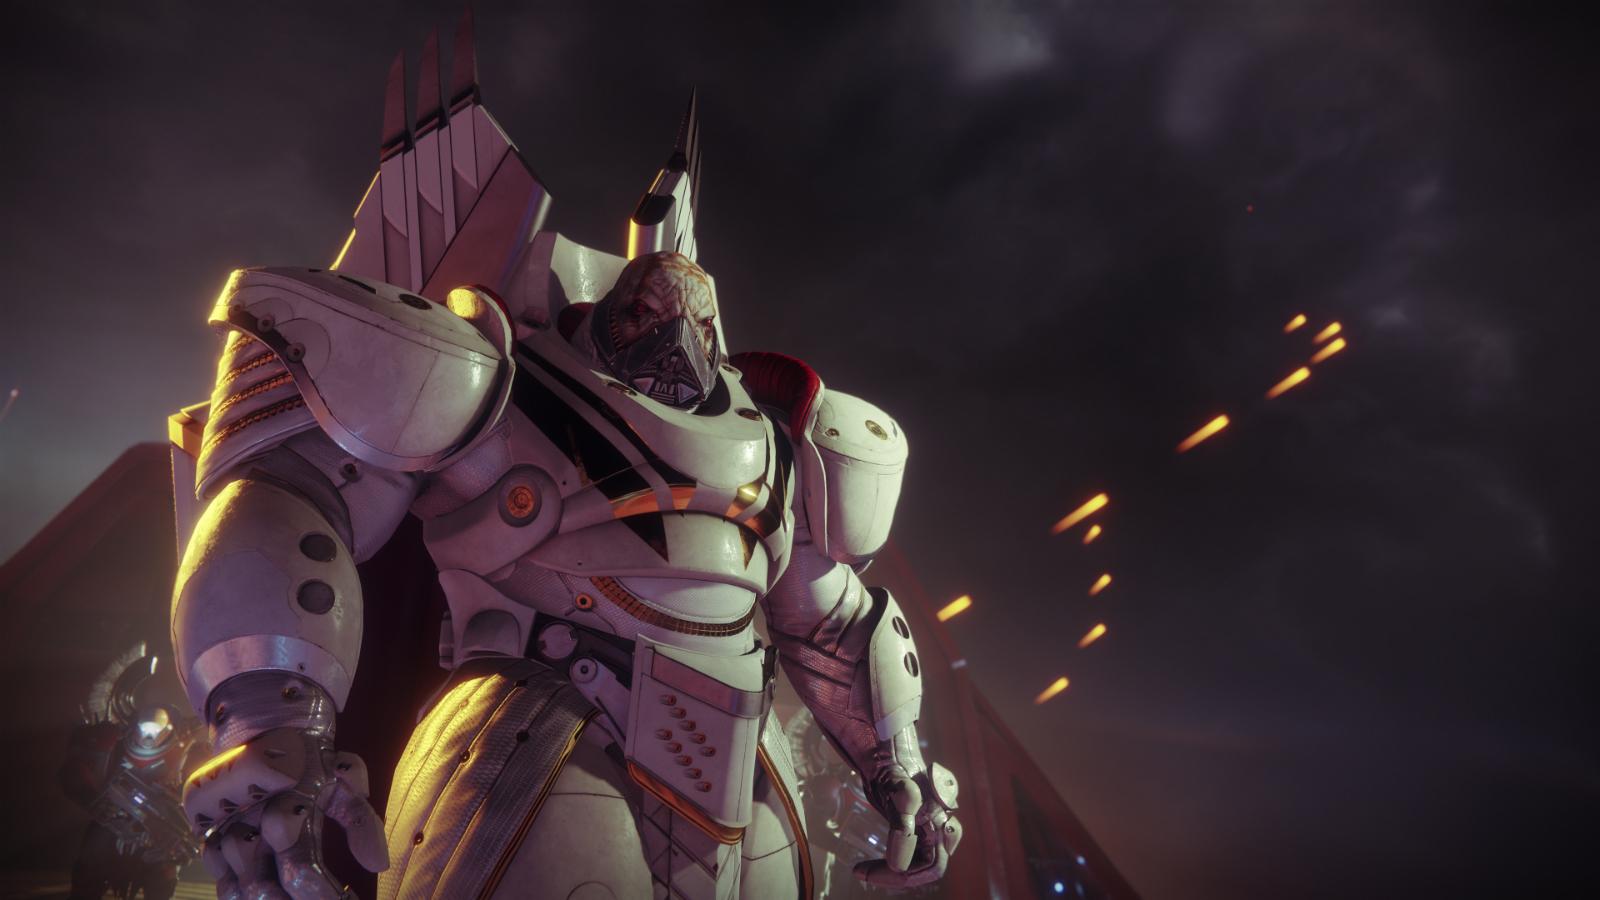 Screenshot of Ghaul, a hulking alien warrior in ornate, white armor.